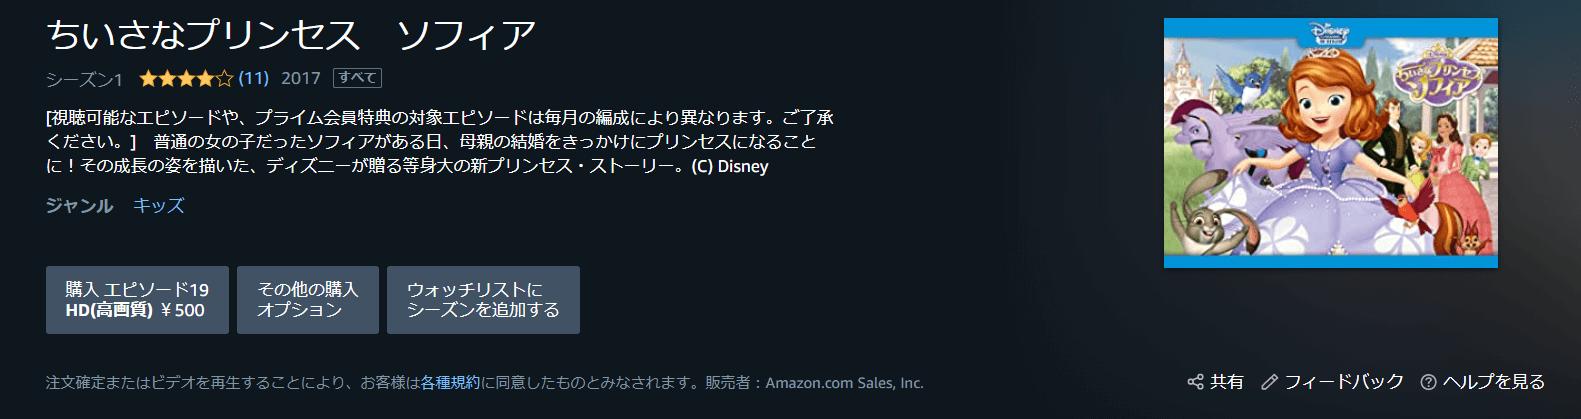 Amazonでは小さなプリンセス・ソフィアが配信中